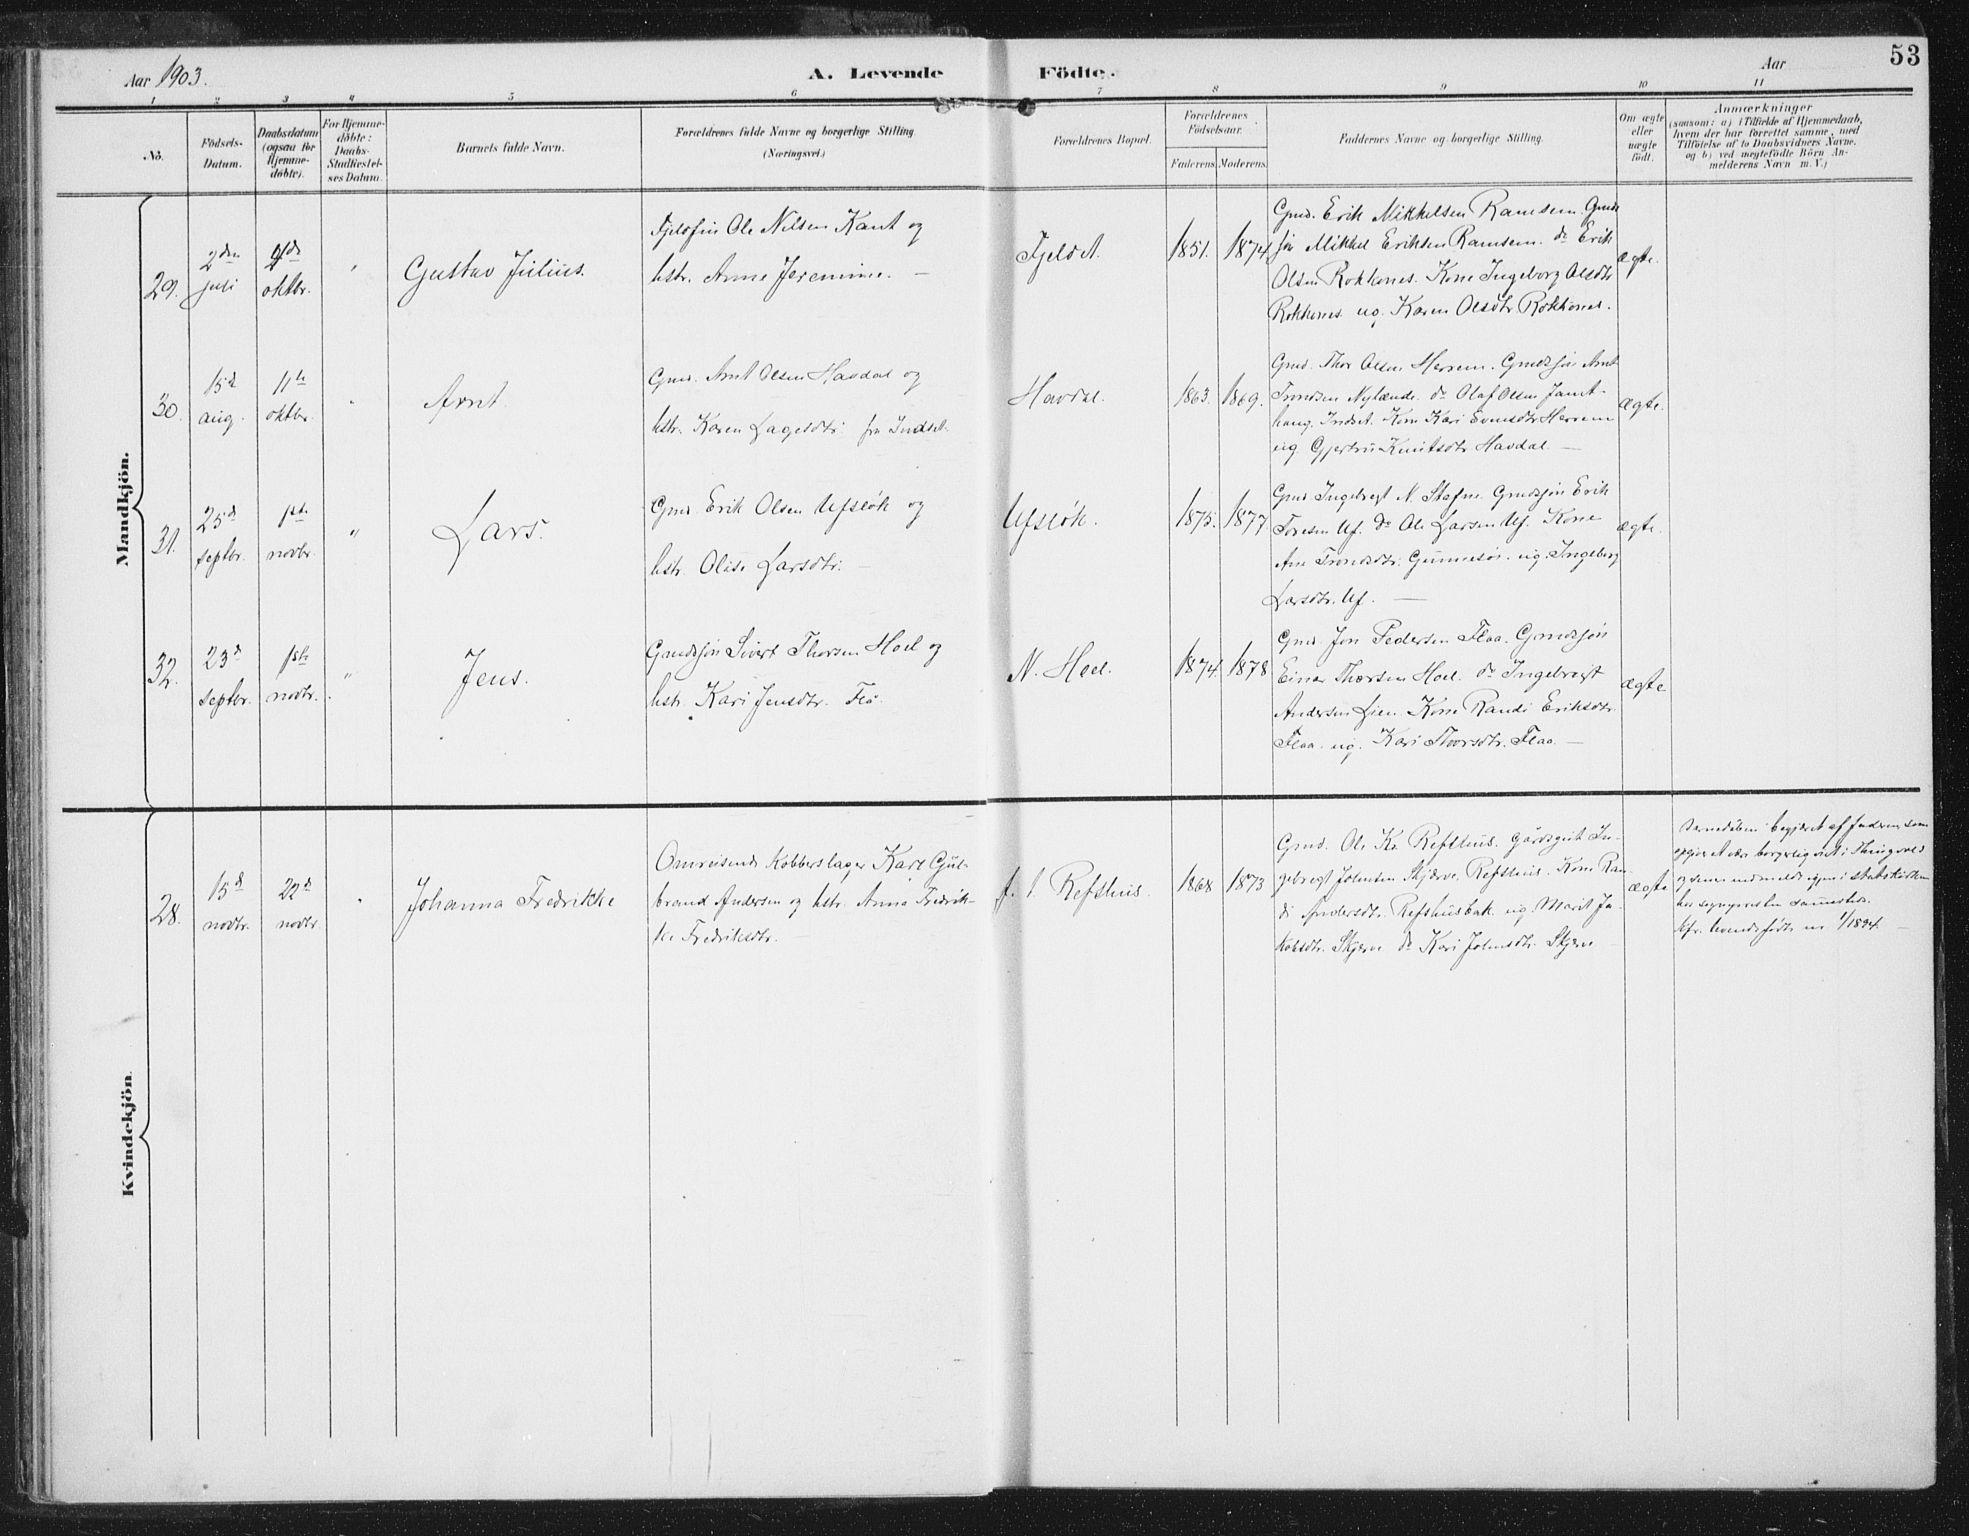 SAT, Ministerialprotokoller, klokkerbøker og fødselsregistre - Sør-Trøndelag, 674/L0872: Ministerialbok nr. 674A04, 1897-1907, s. 53